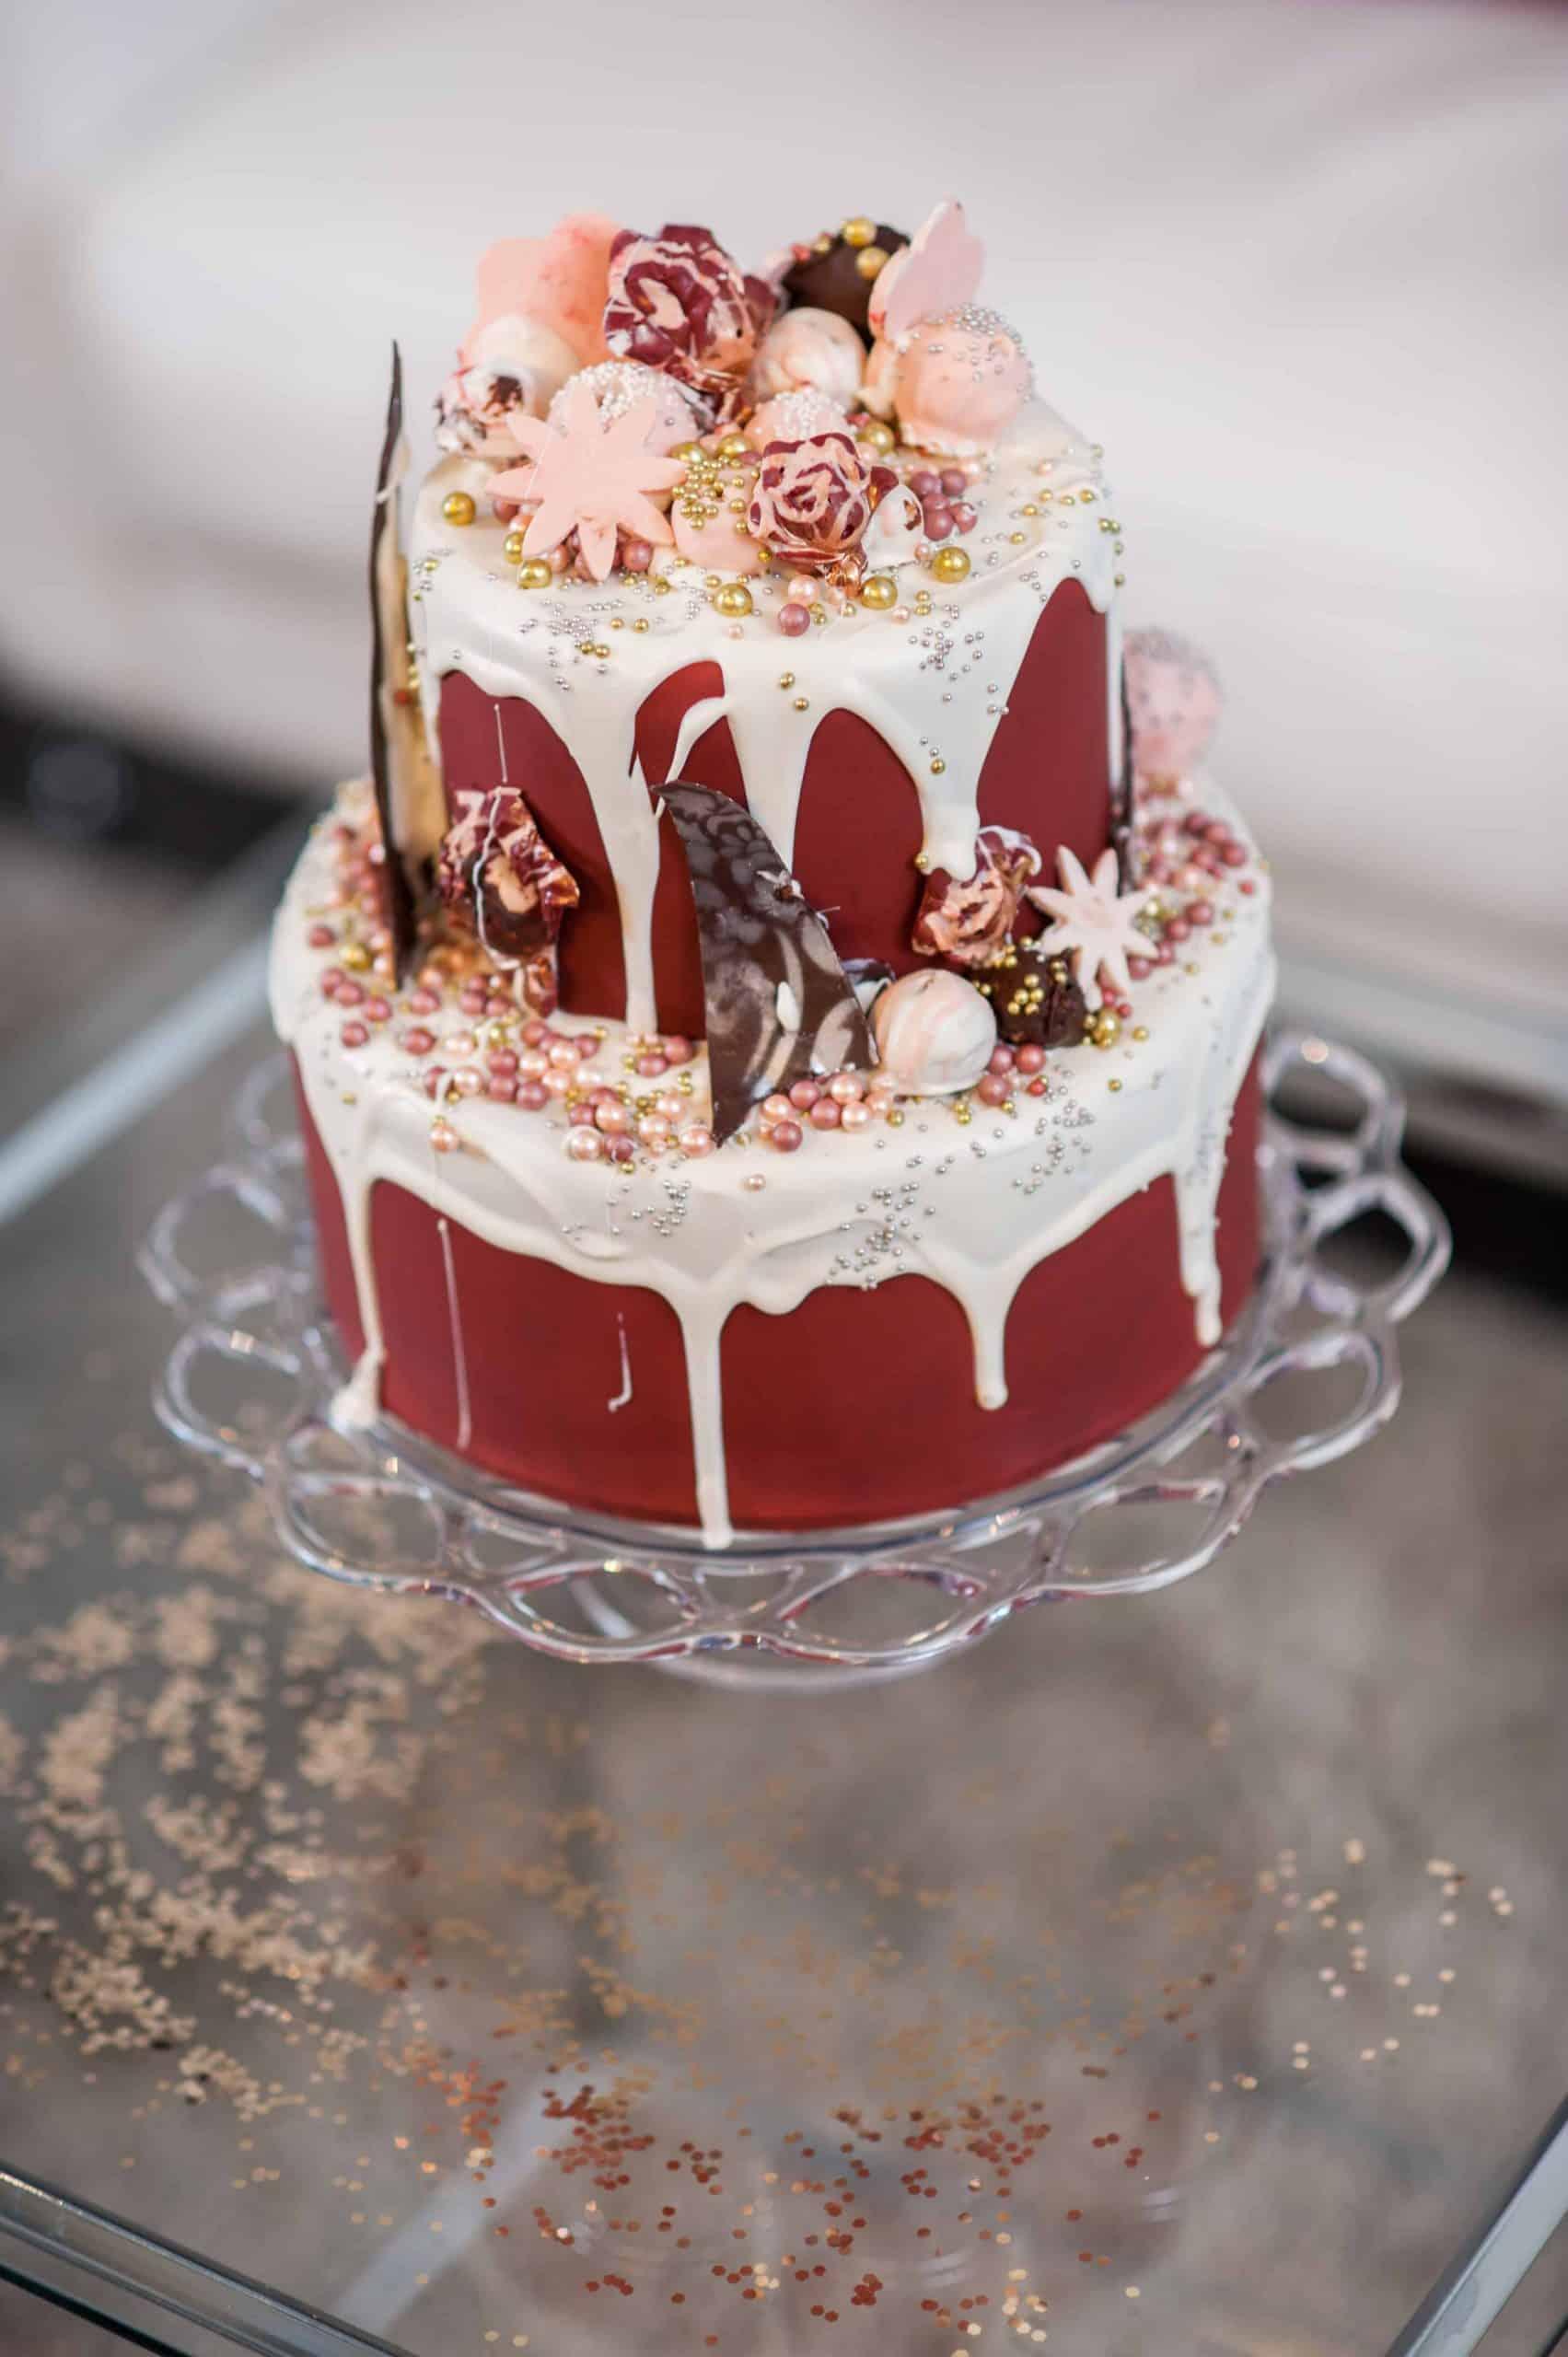 White Chocolate and Burgundy Drip Cake